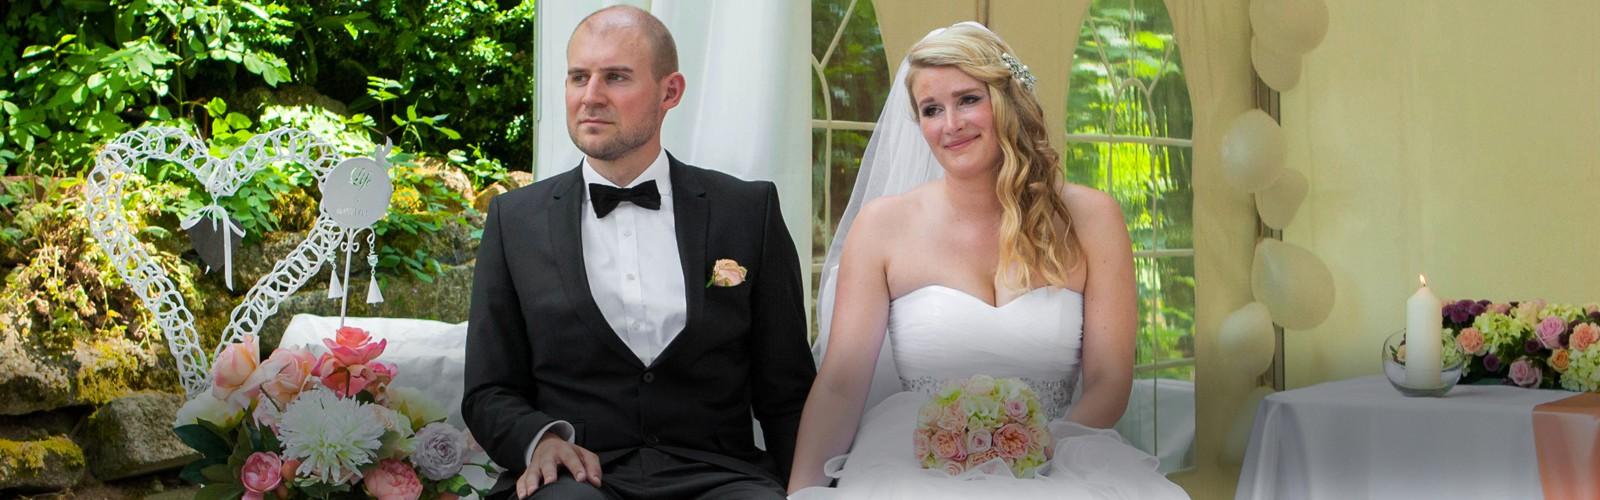 Gefühlvolle Hochzeitsfeier in Burg Wildenau in Plößberg